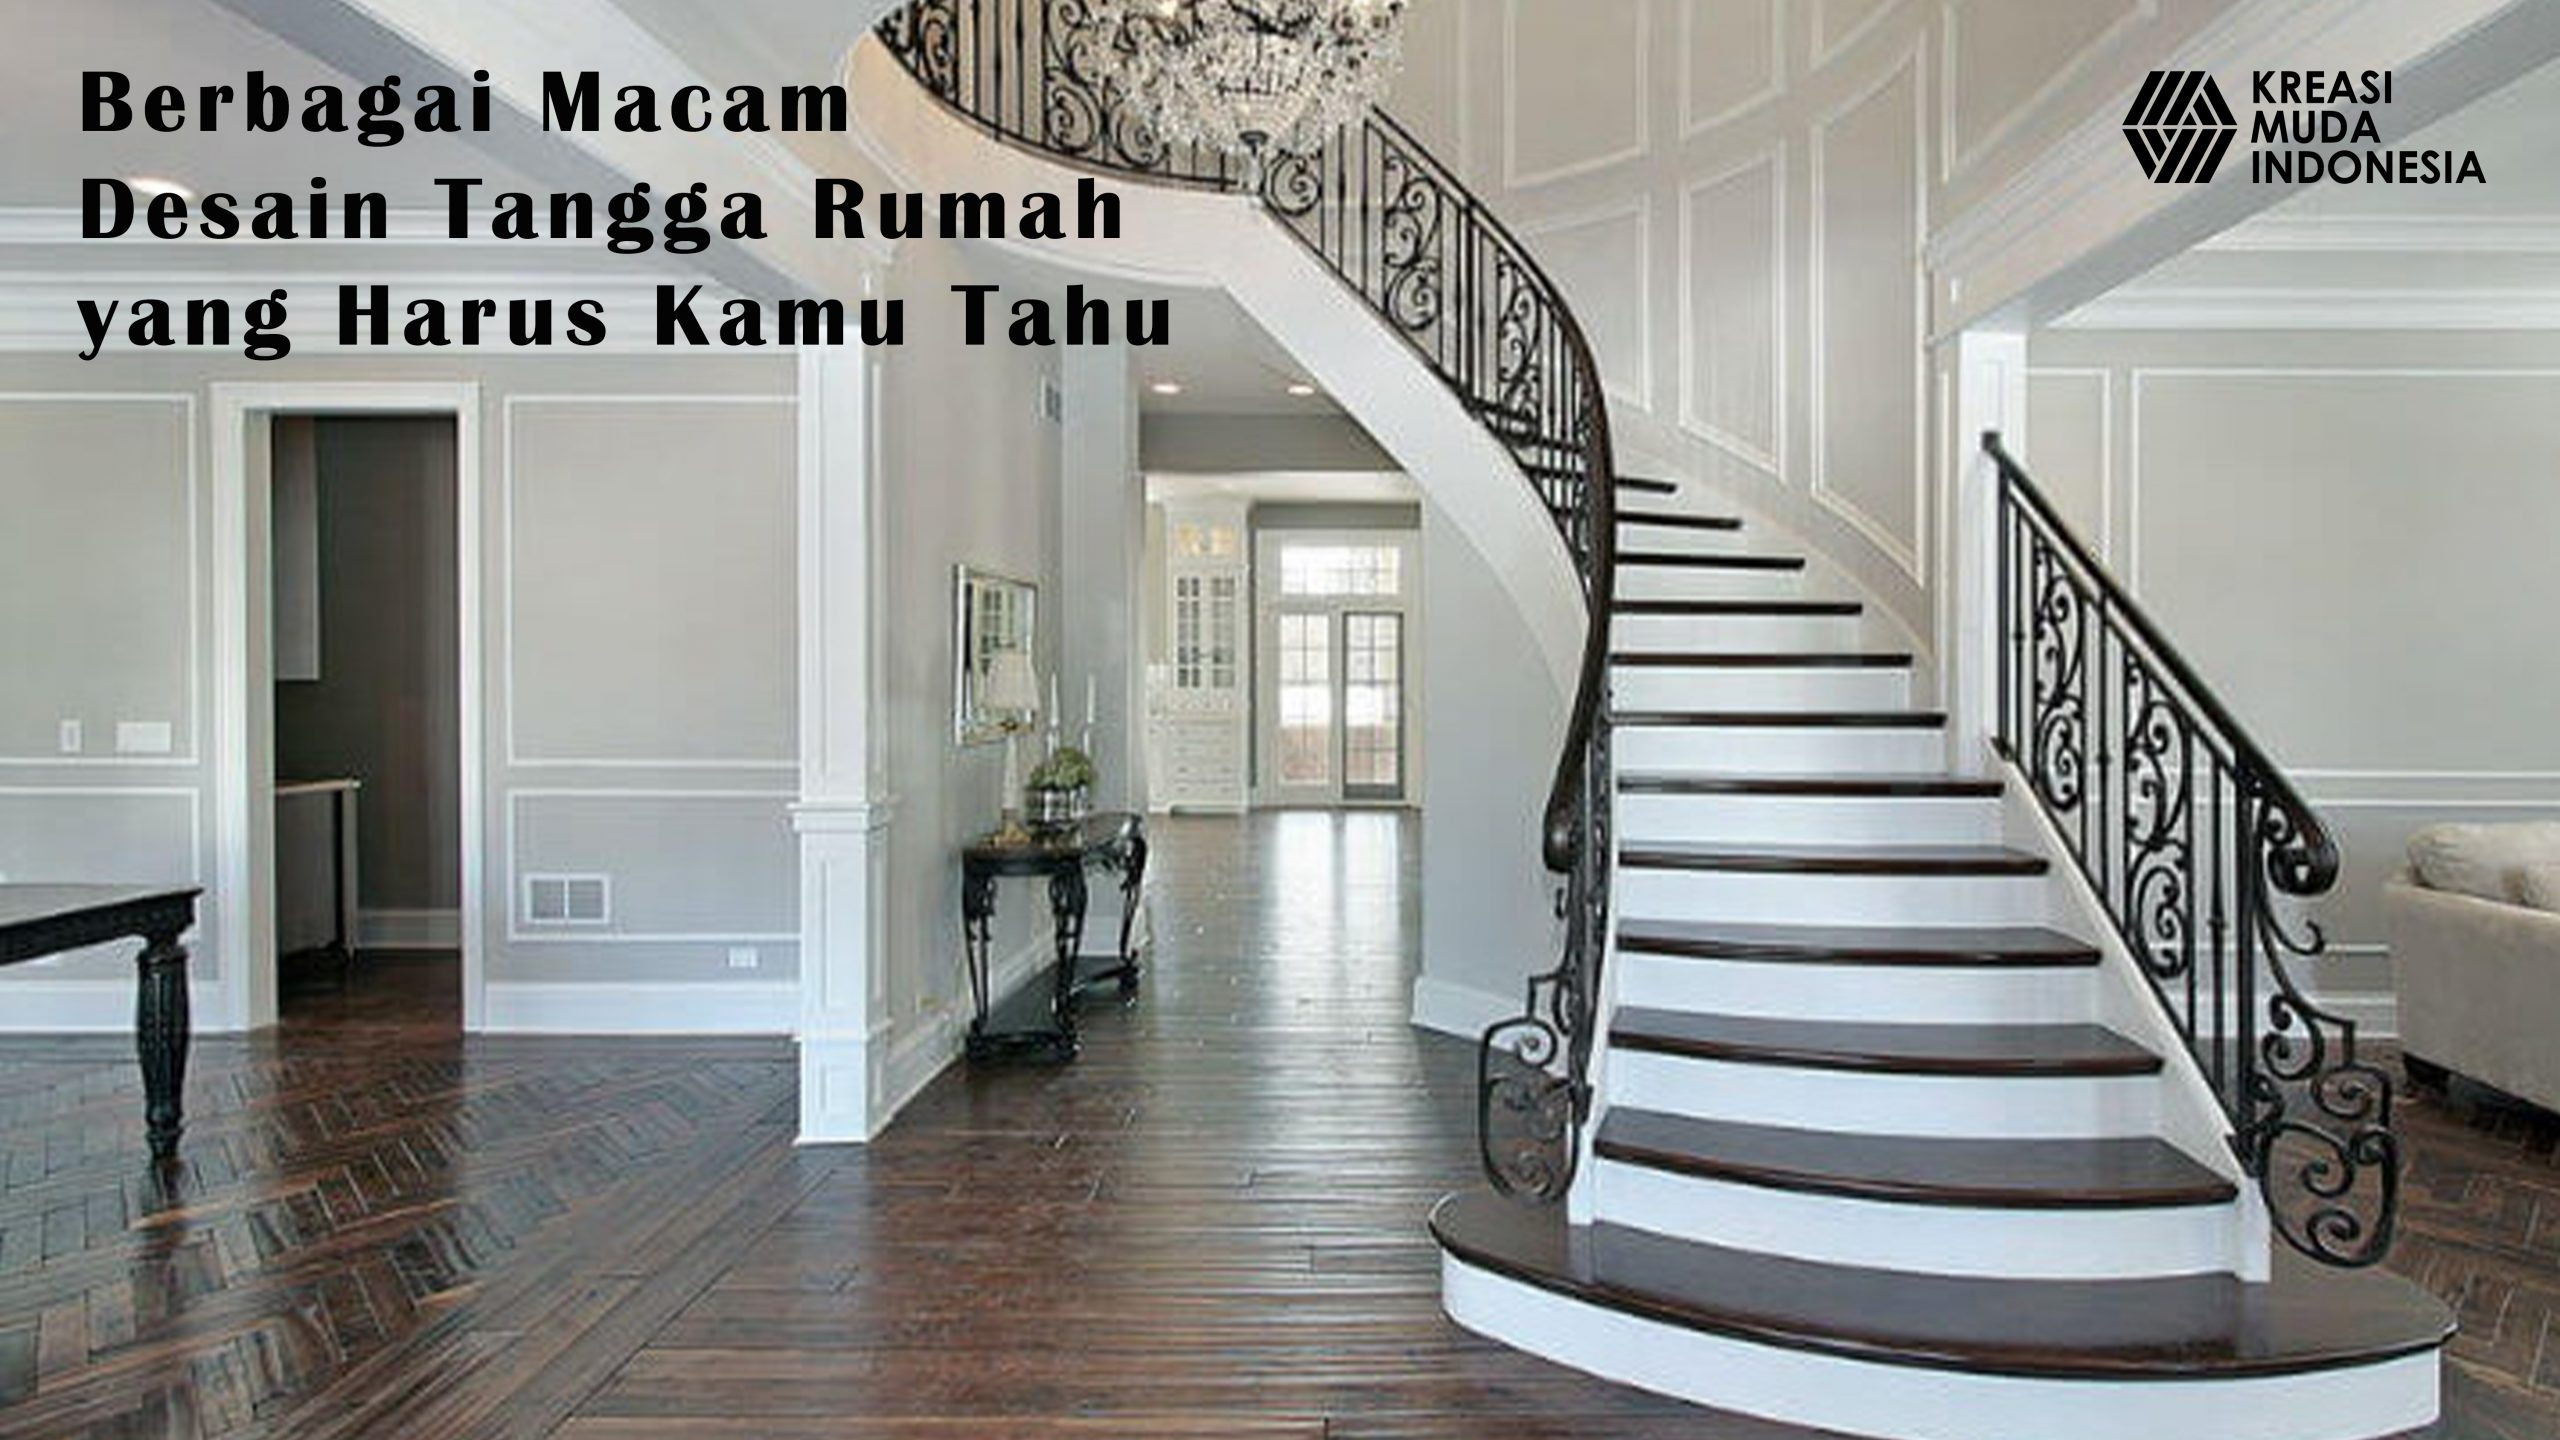 Berbagai Macam Desain Tangga Rumah yang Harus Kamu Tahu ...